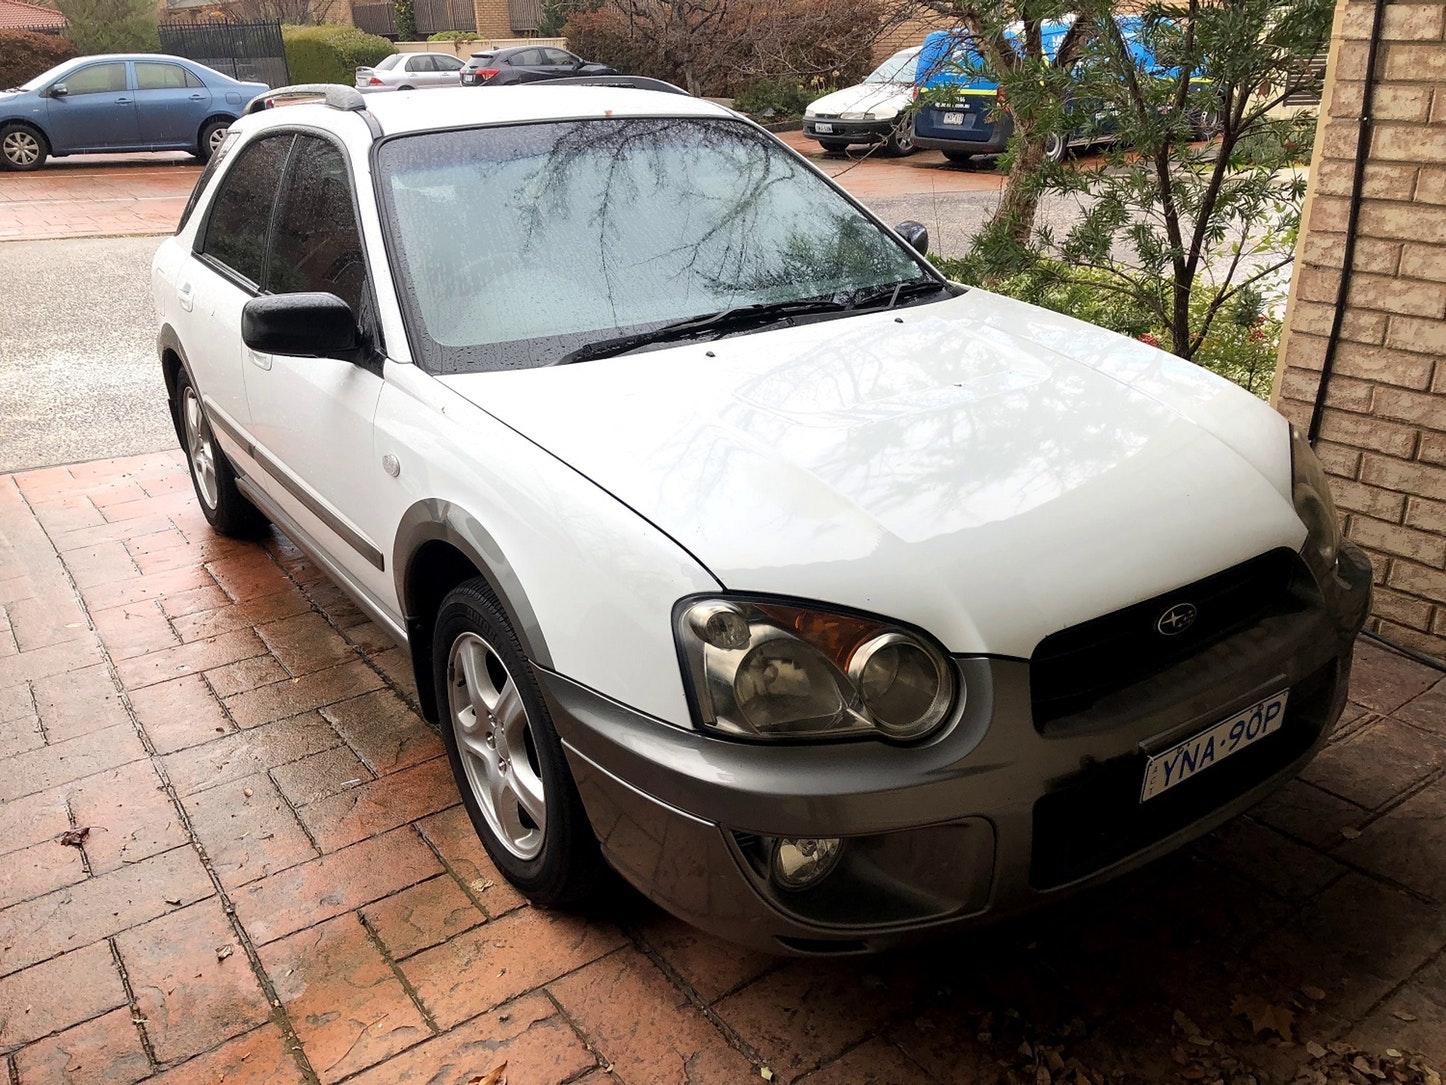 Picture of Jane's 2003 Subaru Impreza